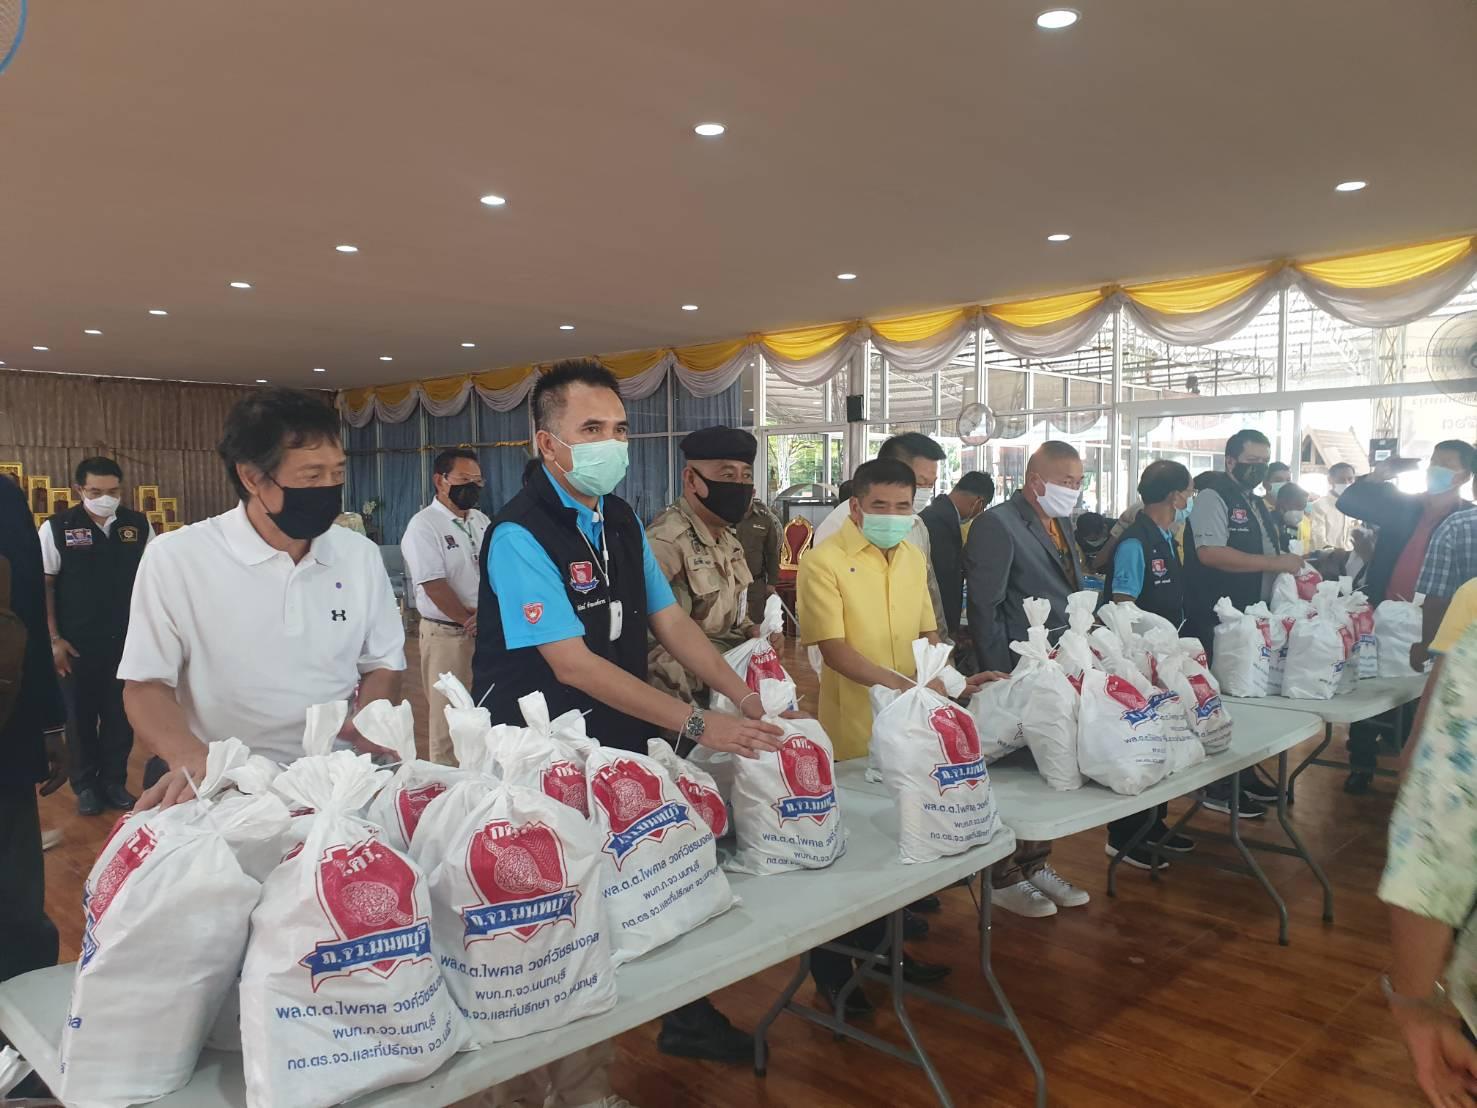 พ่อเมืองนนท์ ร่วมกับ กต.ตร.นนทบุรี มอบถุงยังชีพกว่า 2,000 ชุด บรรเทาโควิด